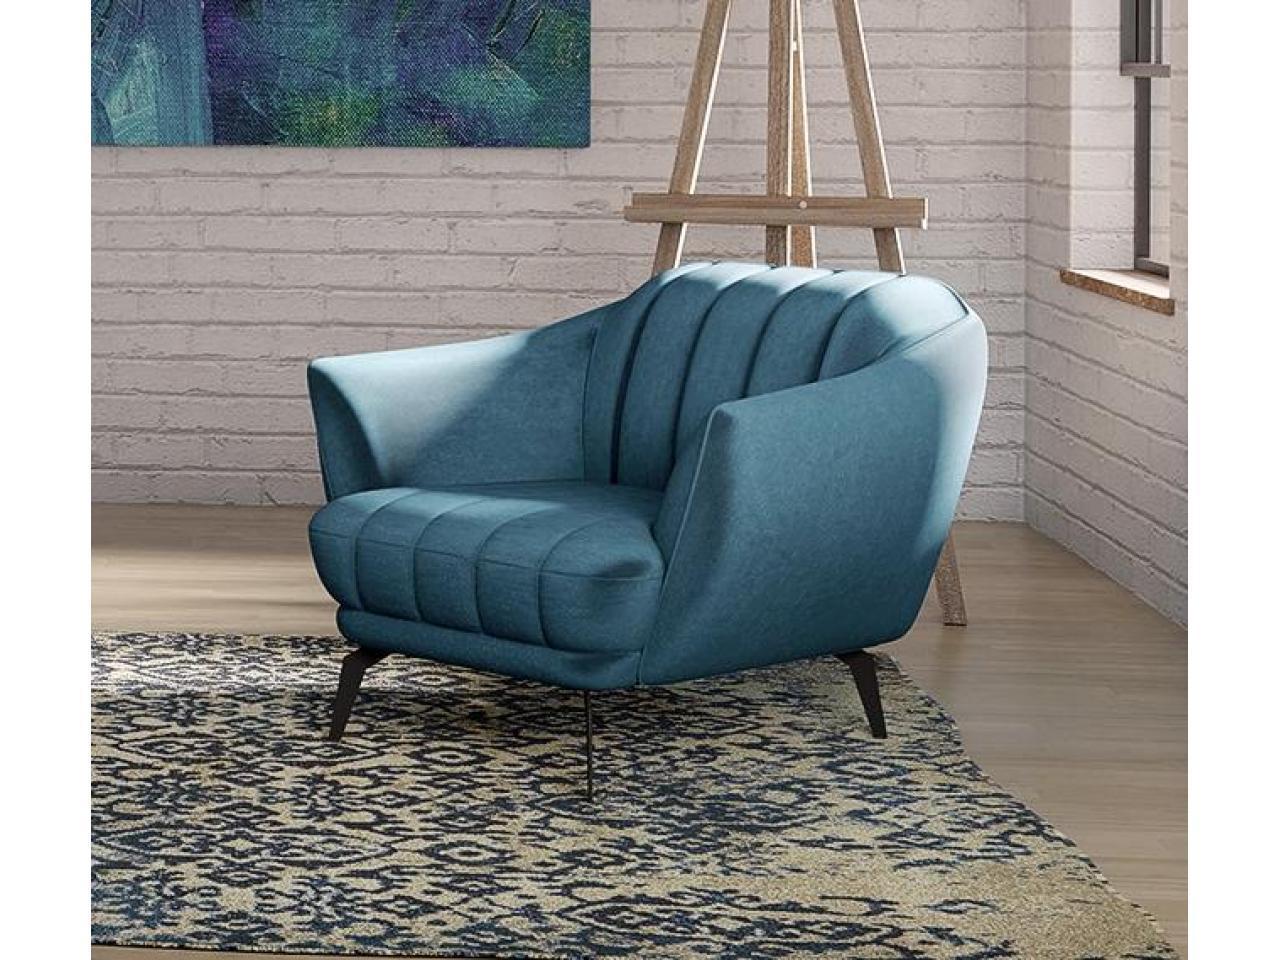 Furnipol - кресла удобные и недорогие! - 3